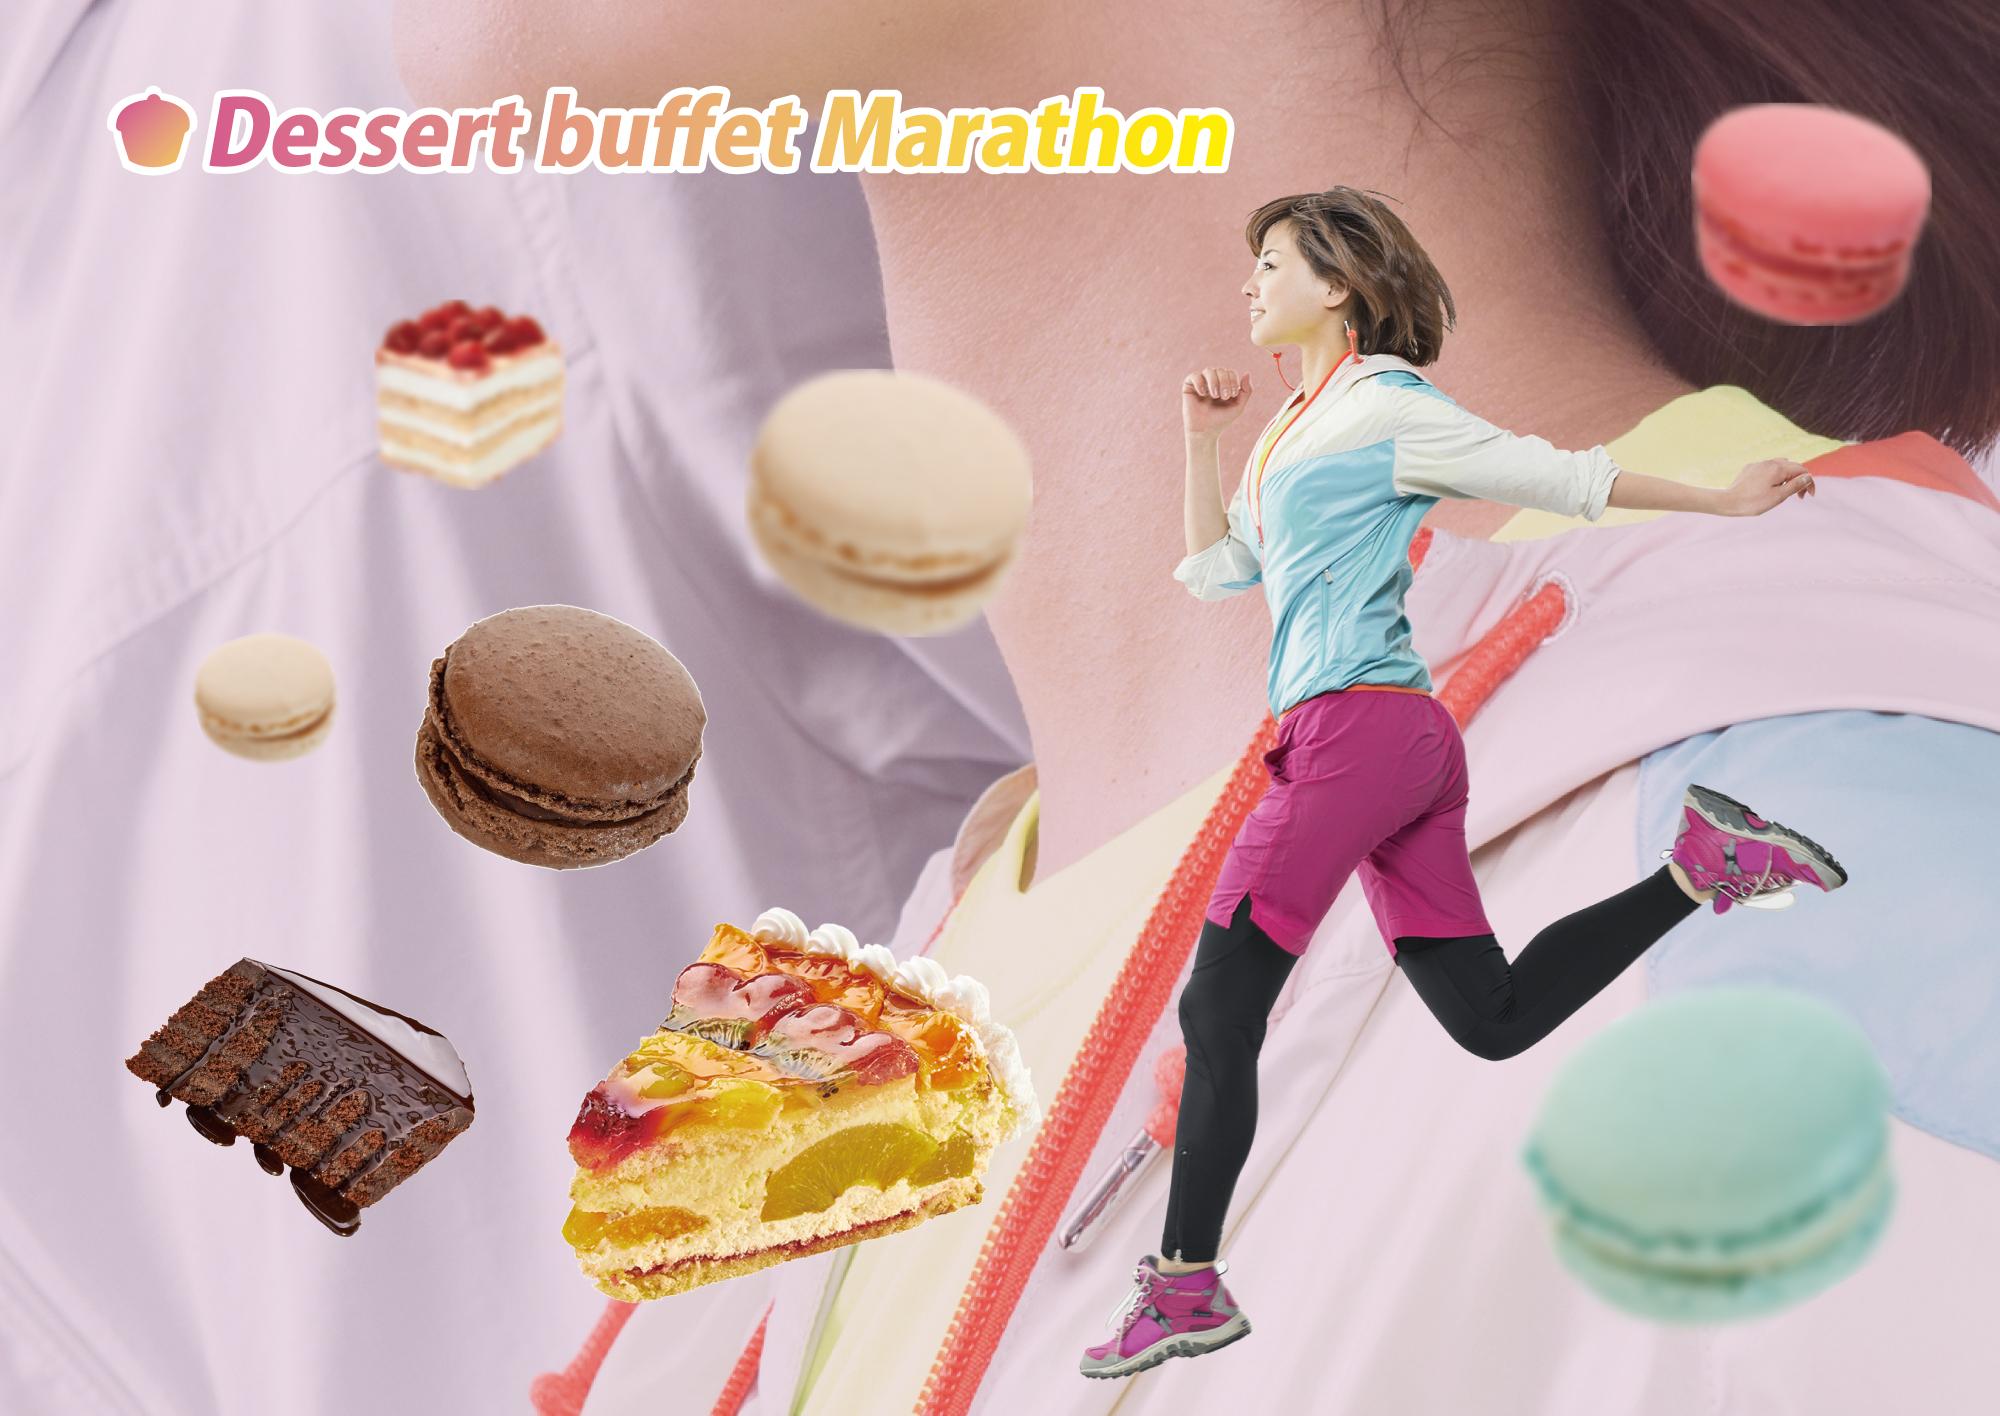 走るんだから食べてもいいよね!『デザートビュッフェマラソン』が12月に開催